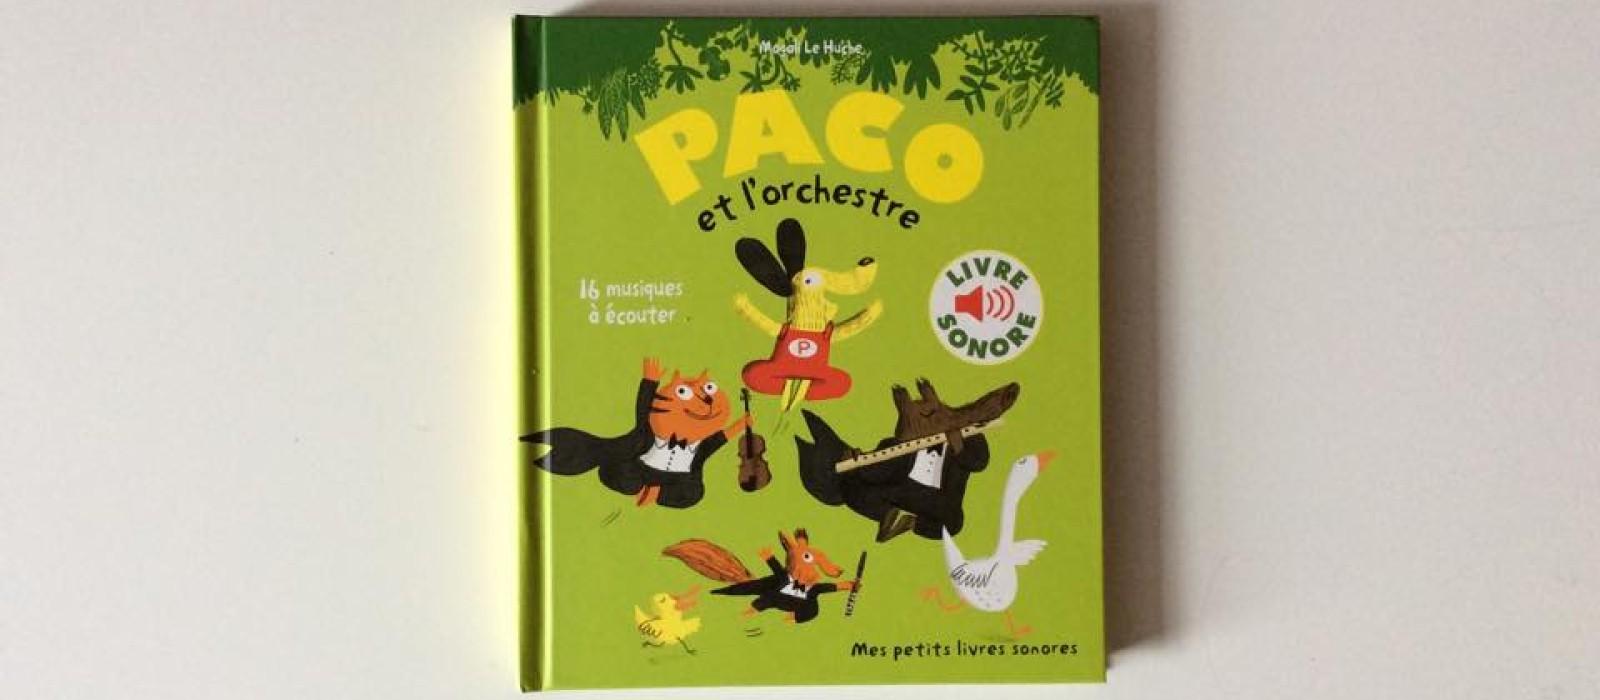 Paco et l'orchestre – introduction à la musique classique